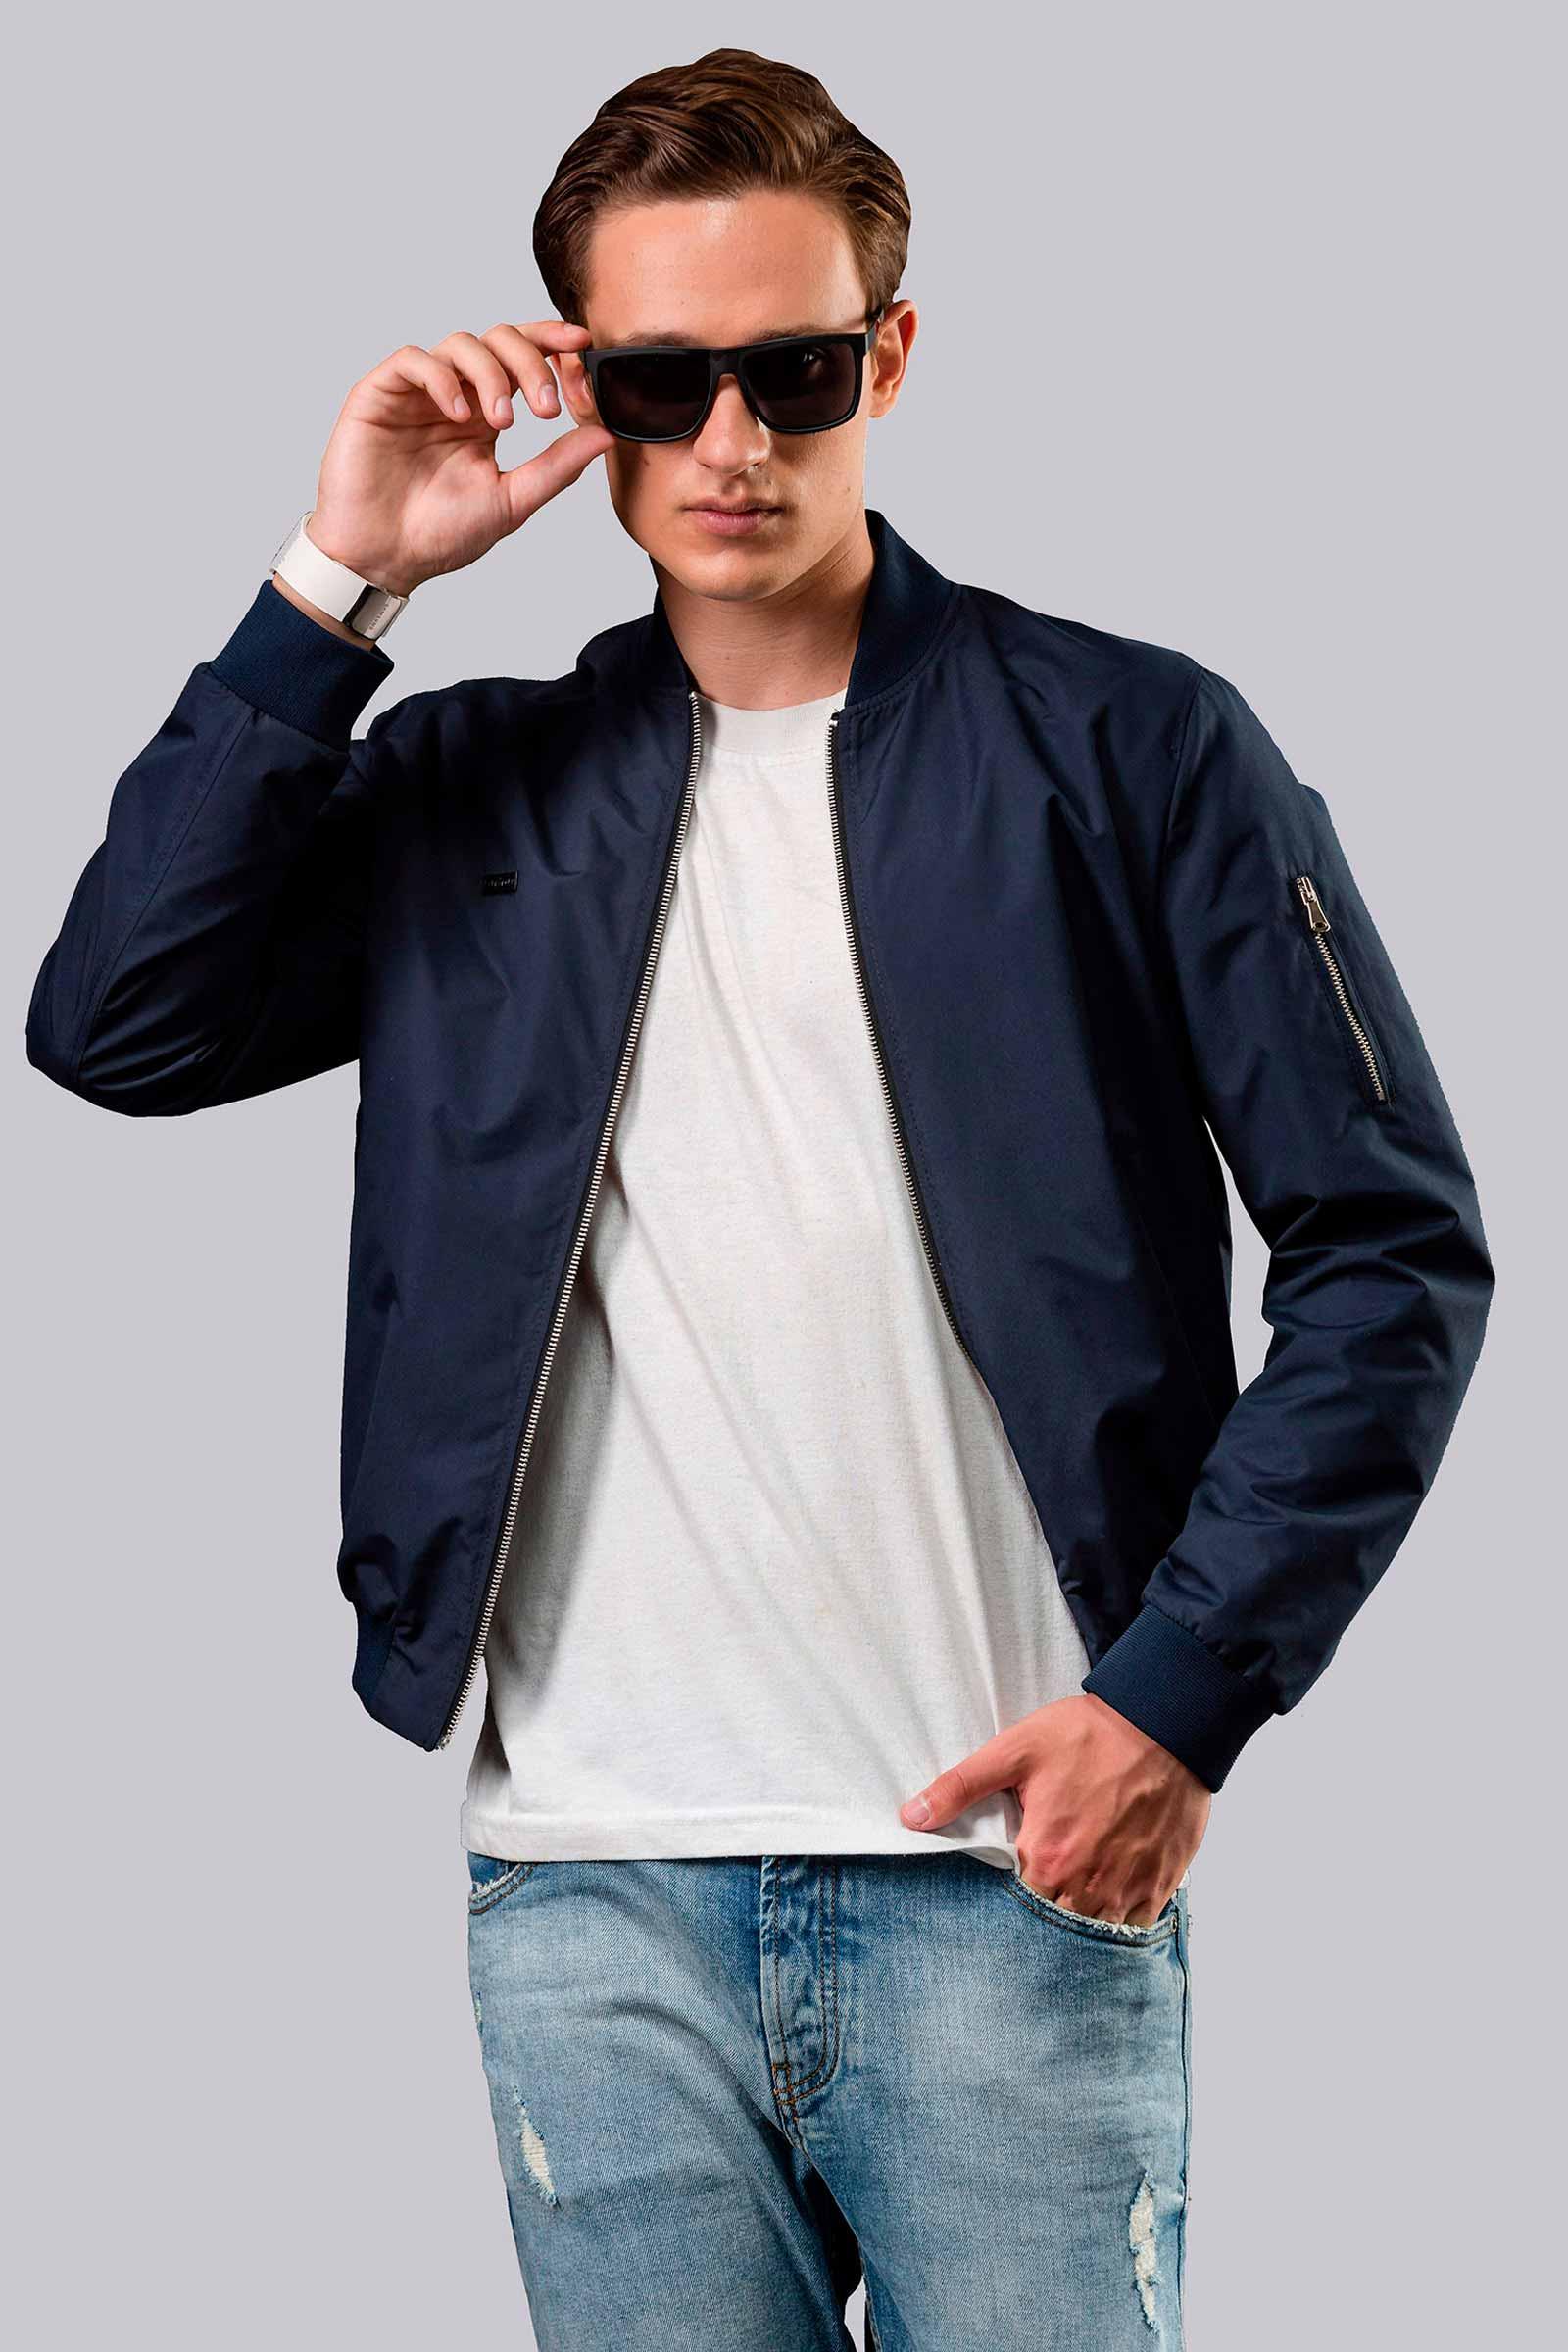 Мужская куртка пилот: легендарные модели в современном исполнении - фото